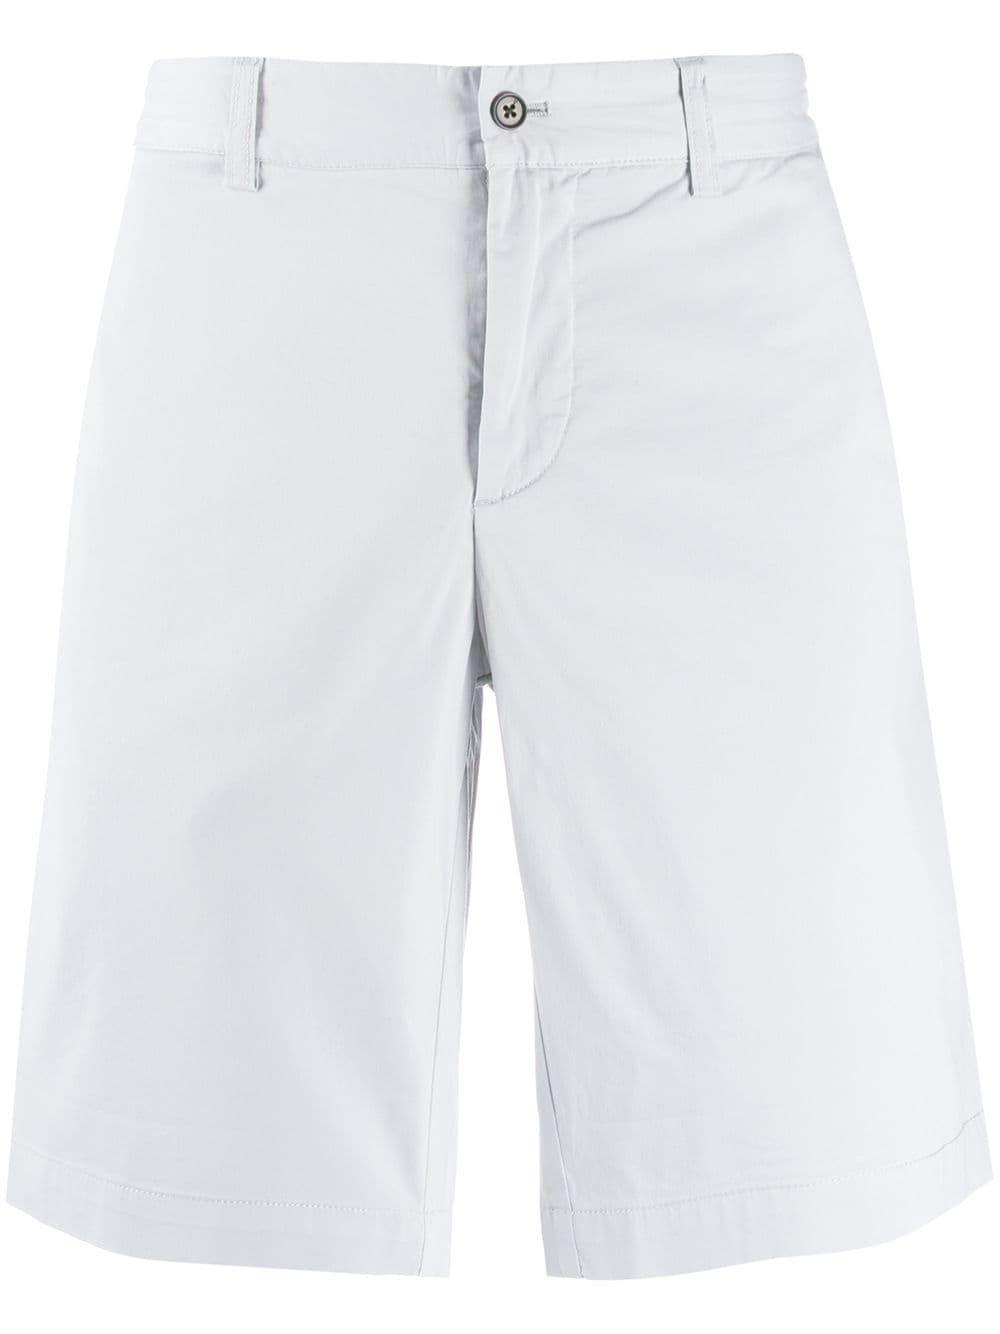 2ef407a890 J.Lindeberg Nathan chino shorts - Grey in 2019 | Products | Chino ...